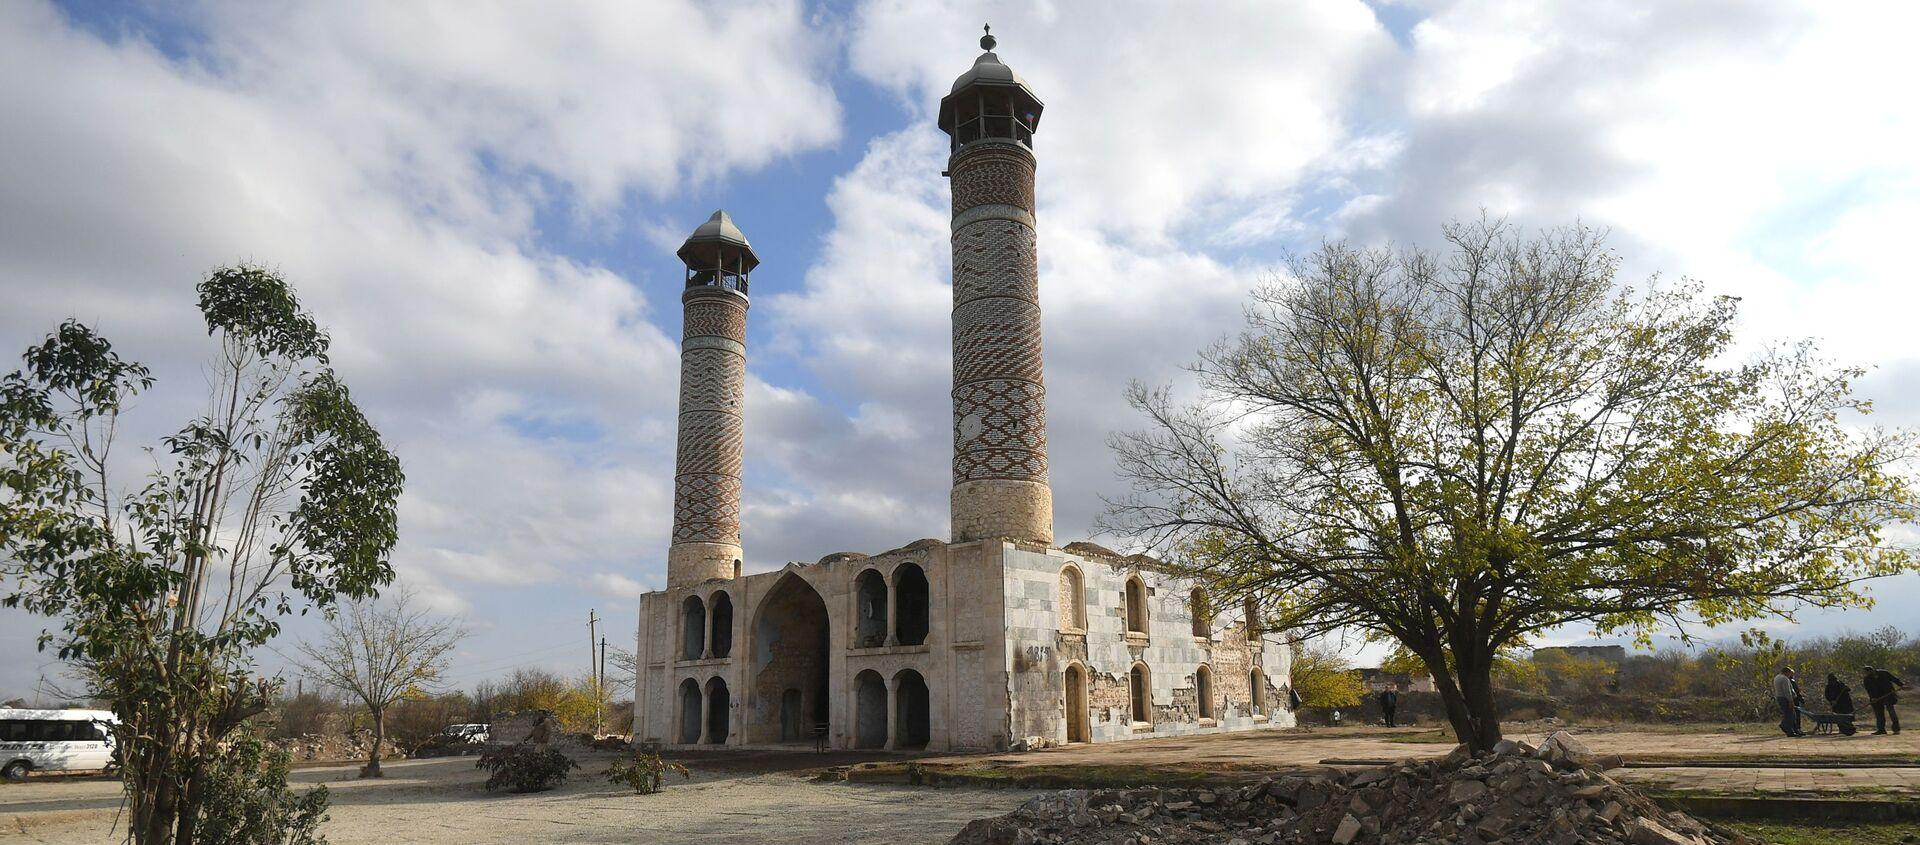 Город Агдам после его возвращения Азербайджану - Sputnik Азербайджан, 1920, 29.03.2021